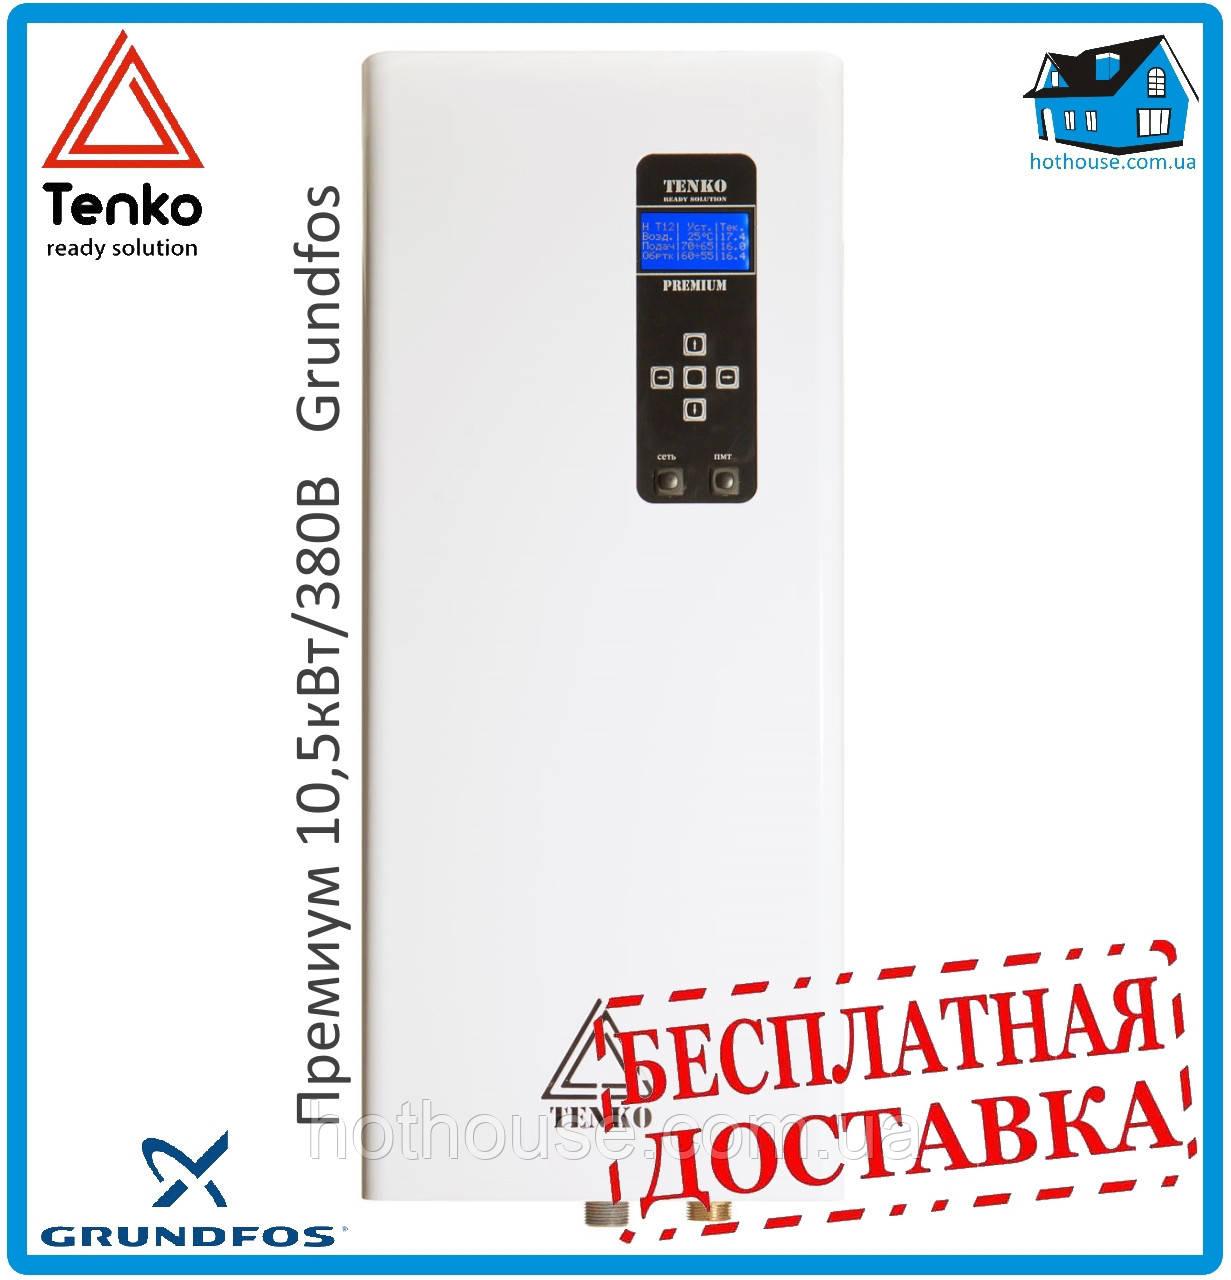 """Электрический котел ТЭНКО (TENKO) """"Премиум"""" (ПКЕ) 10,5 кВт/380 В (микропроцессор+насос+безопасность)"""